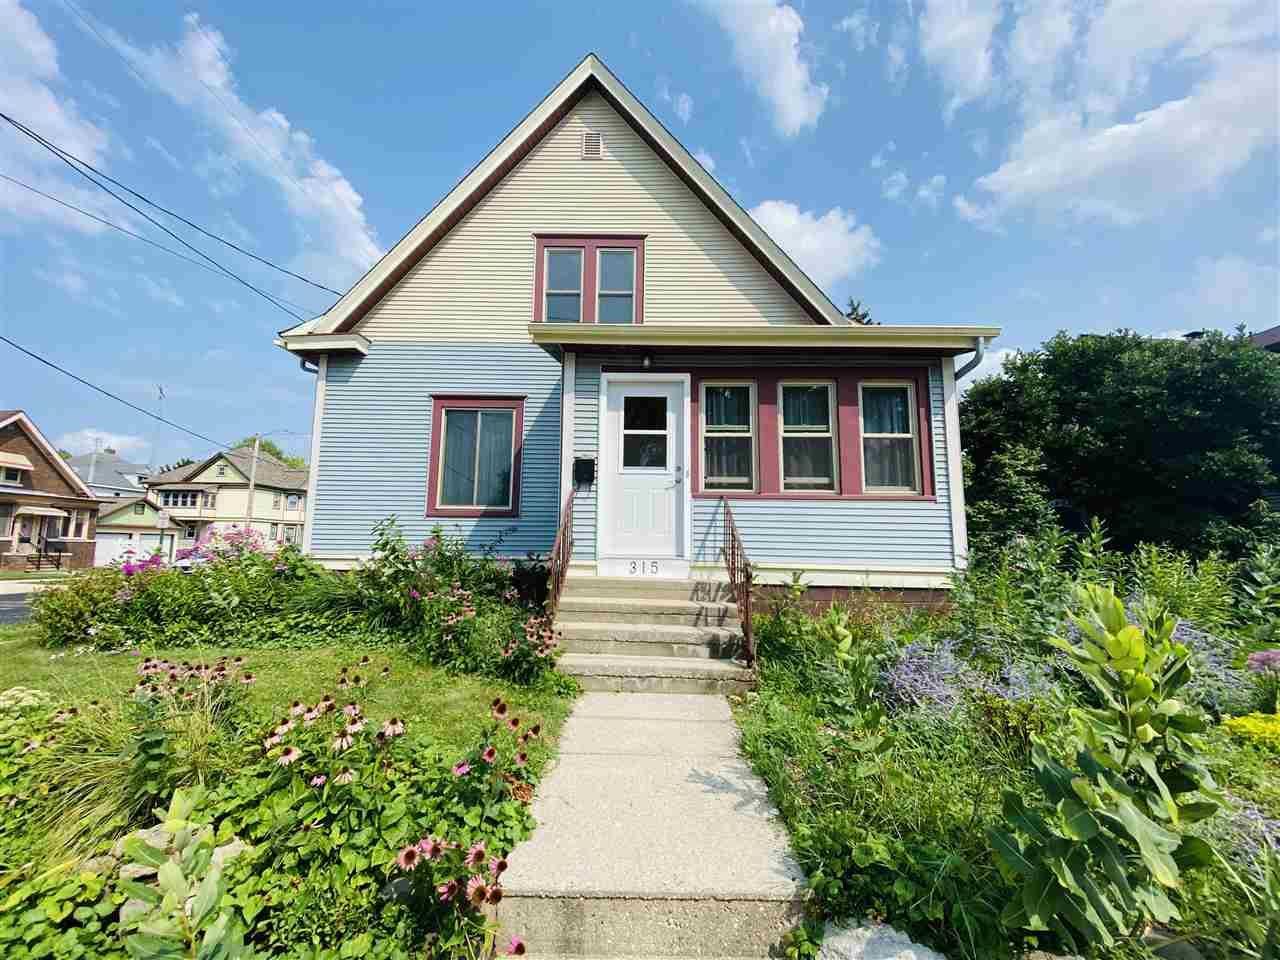 315 N 4th St, Watertown, WI 53094 - #: 1917005